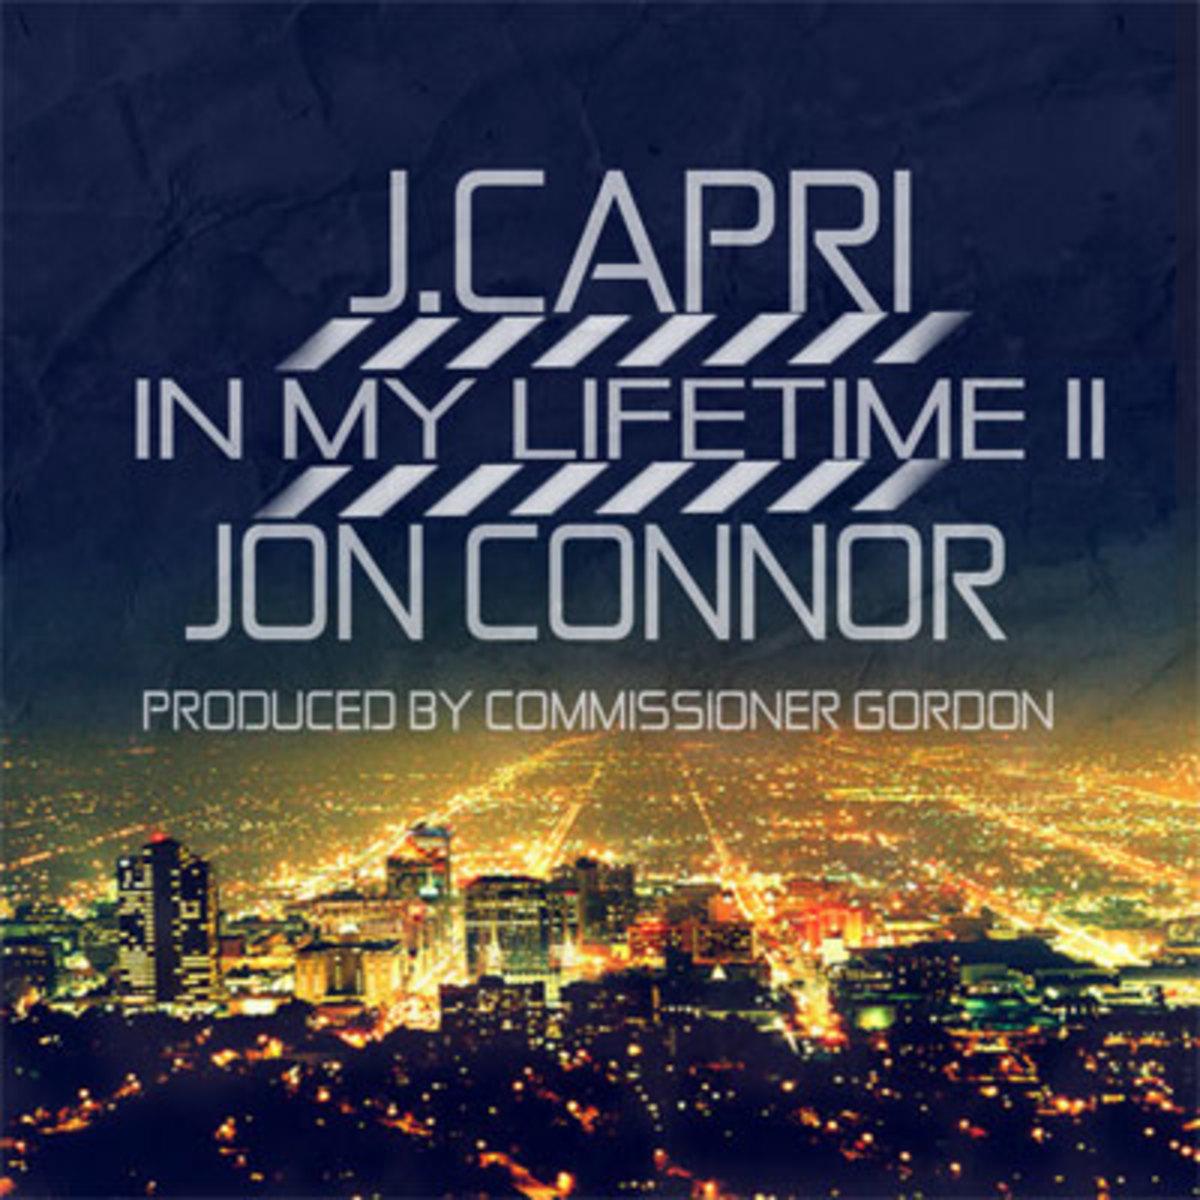 jcapri-inmylifetime2.jpg